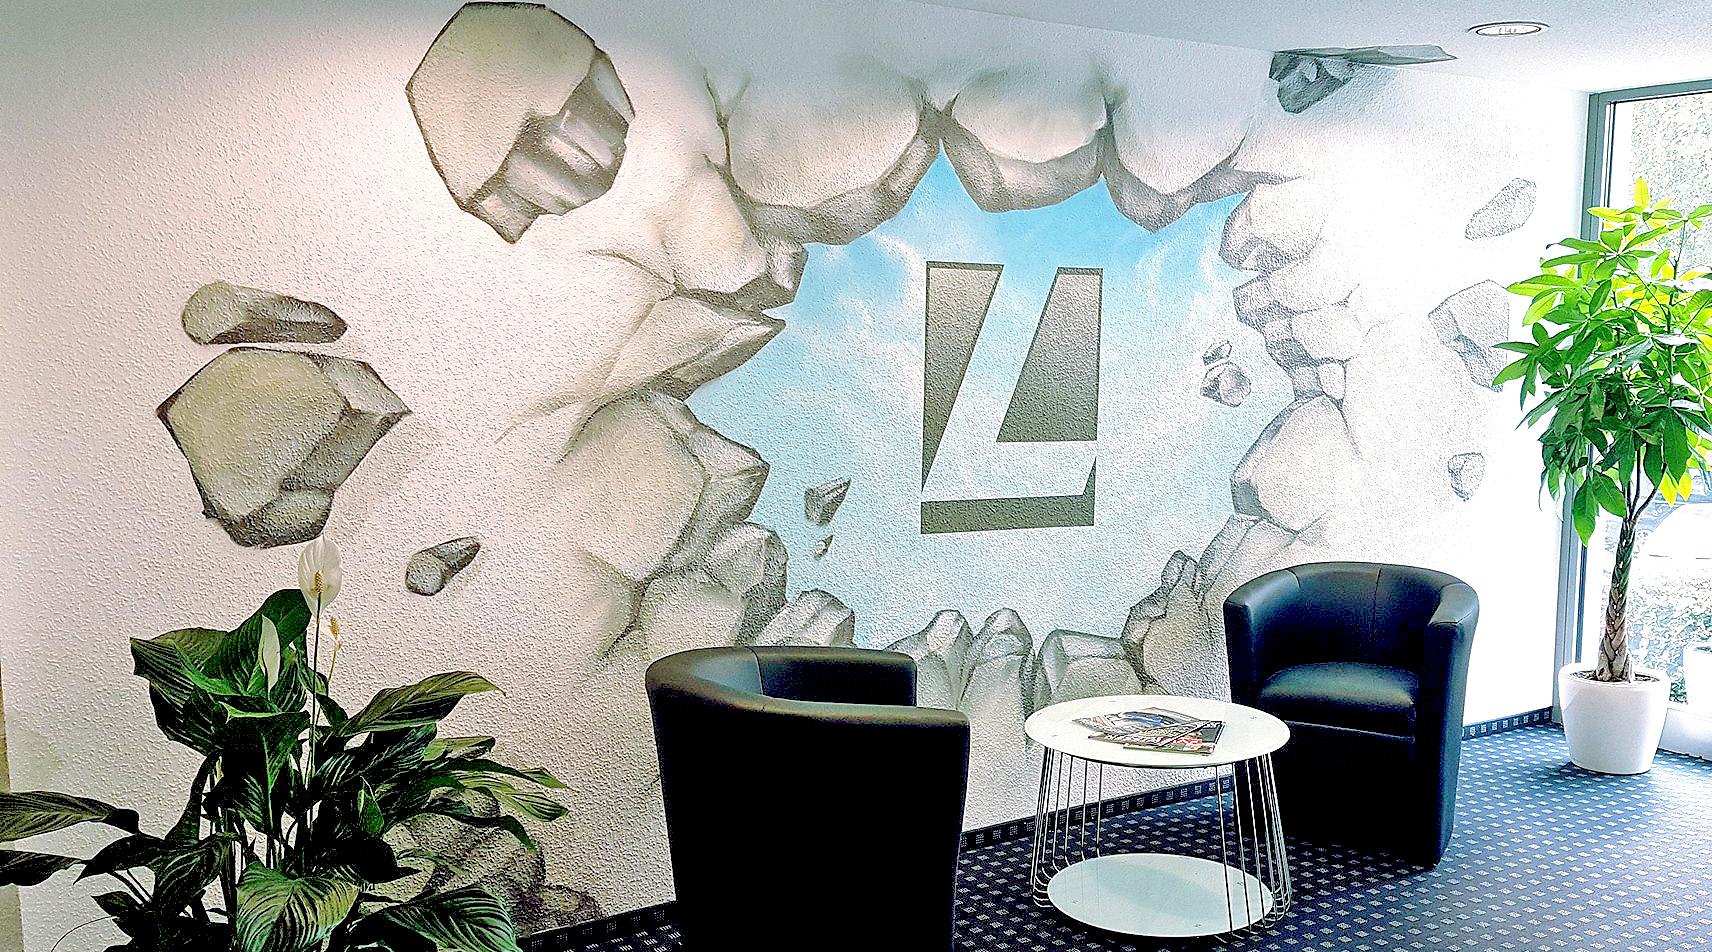 Vom Traum zur Realität - Erfolgsgeschichte von Lernstil GmbH und Ageras